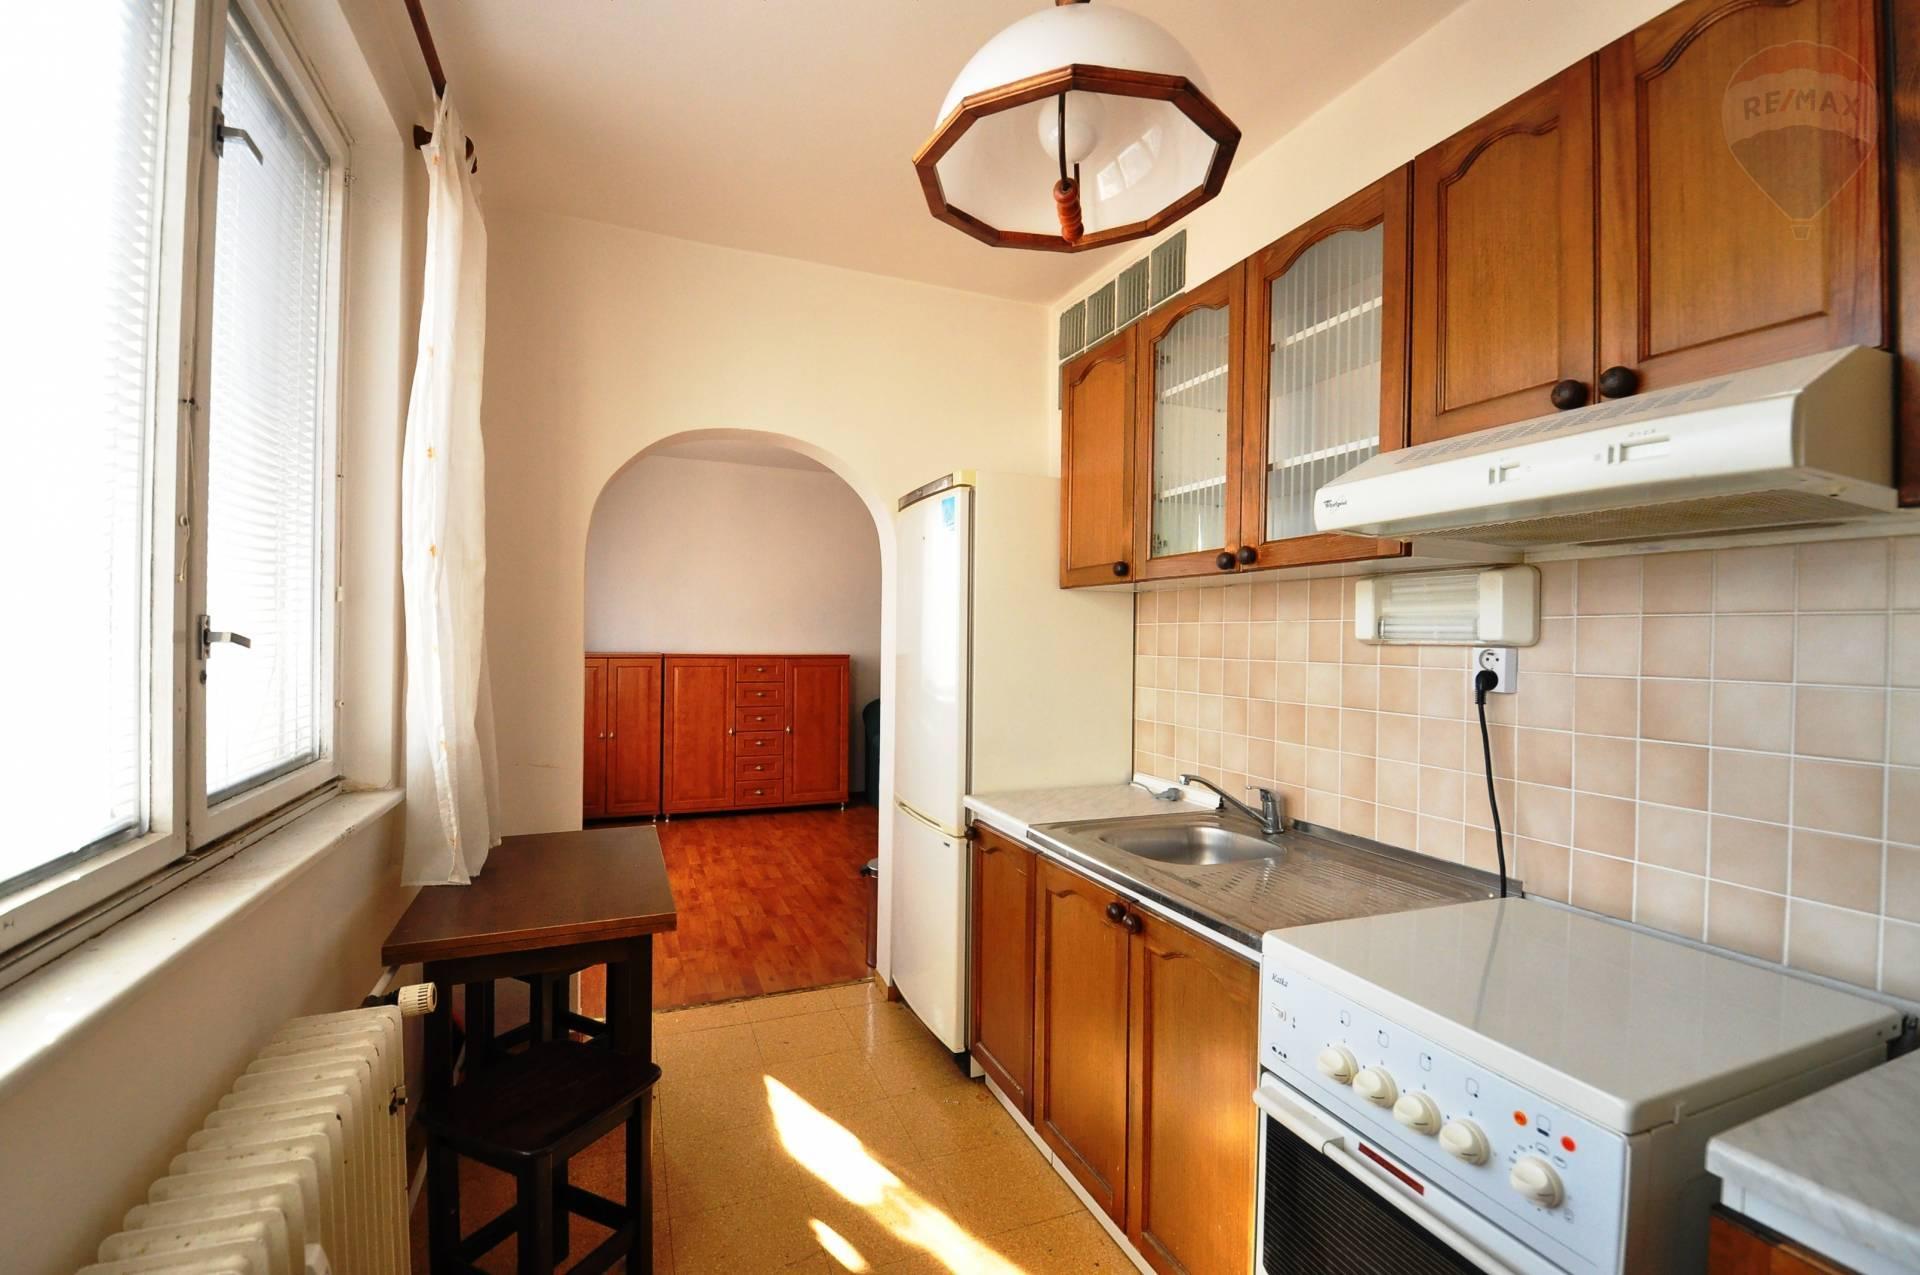 Prenájom bytu (1 izbový) 37 m2, Poprad - PRENÁJOM, 1-izbový byt, Poprad, Ul. Drevárska, blok Vežiak,